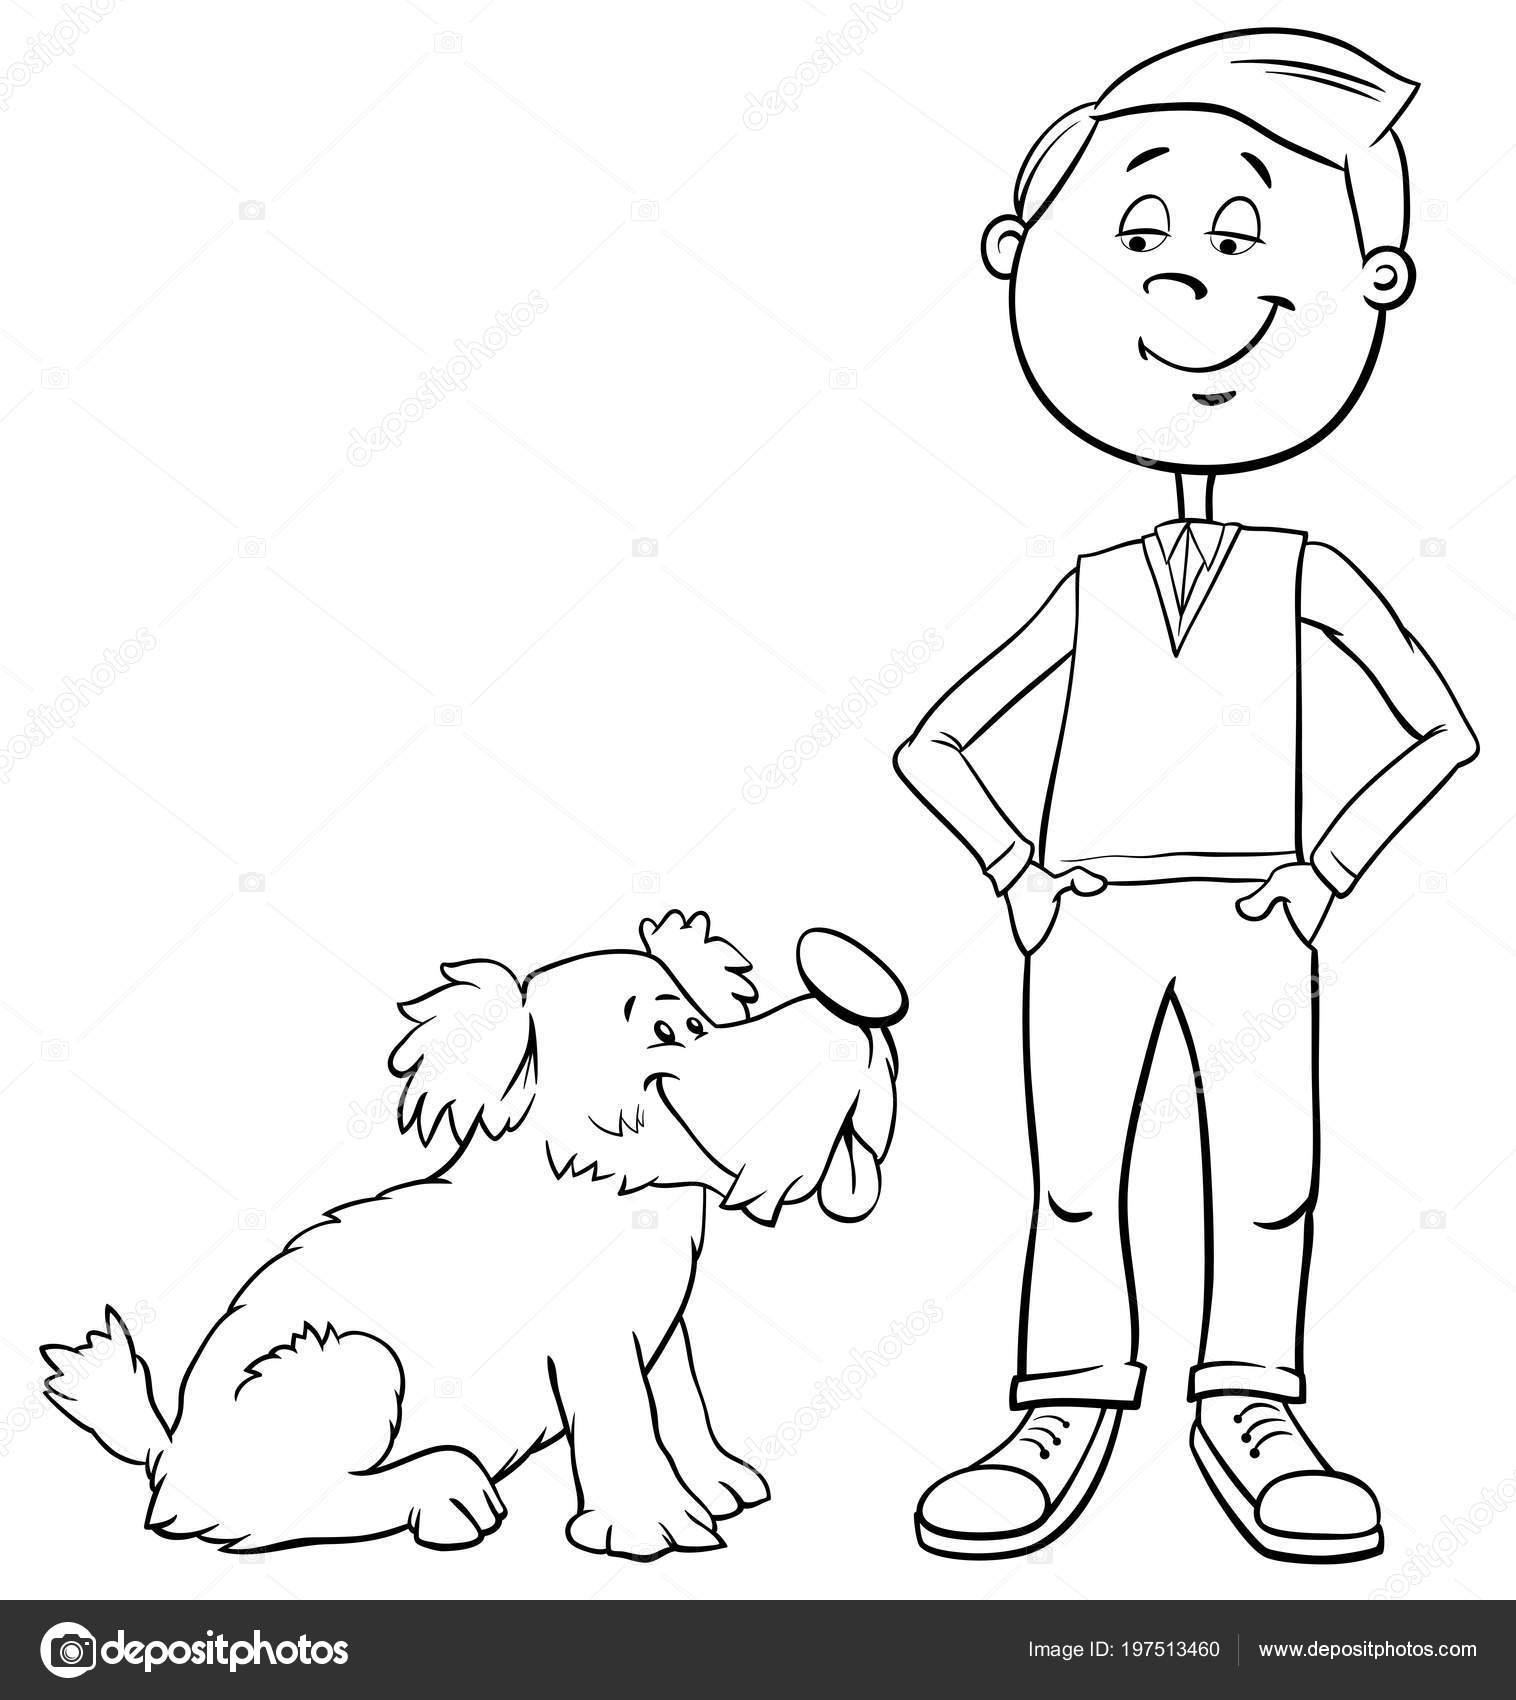 かわいい犬や子犬の塗り絵子供男の子の白黒漫画イラスト ストック